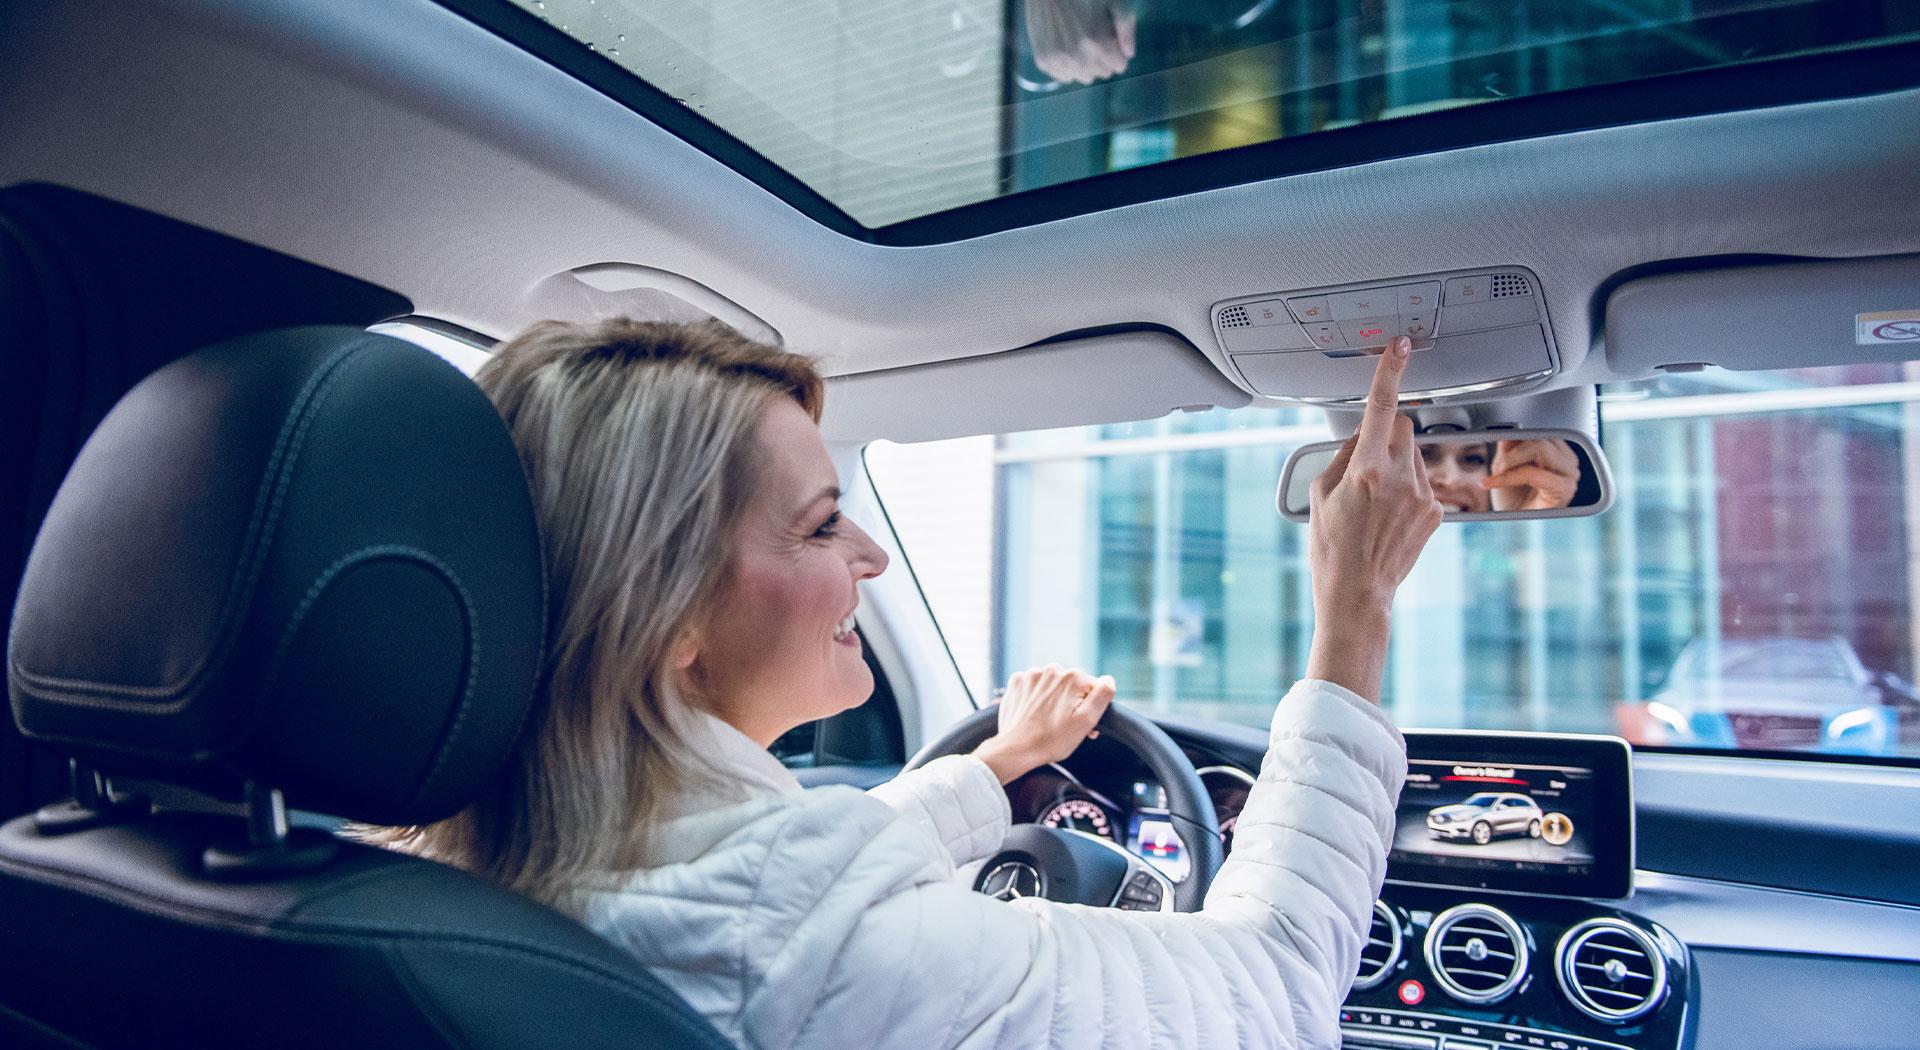 Mercedes-Benz-Brinkmann-Werkstatt-Mercedes-me-connect-Basisdienste